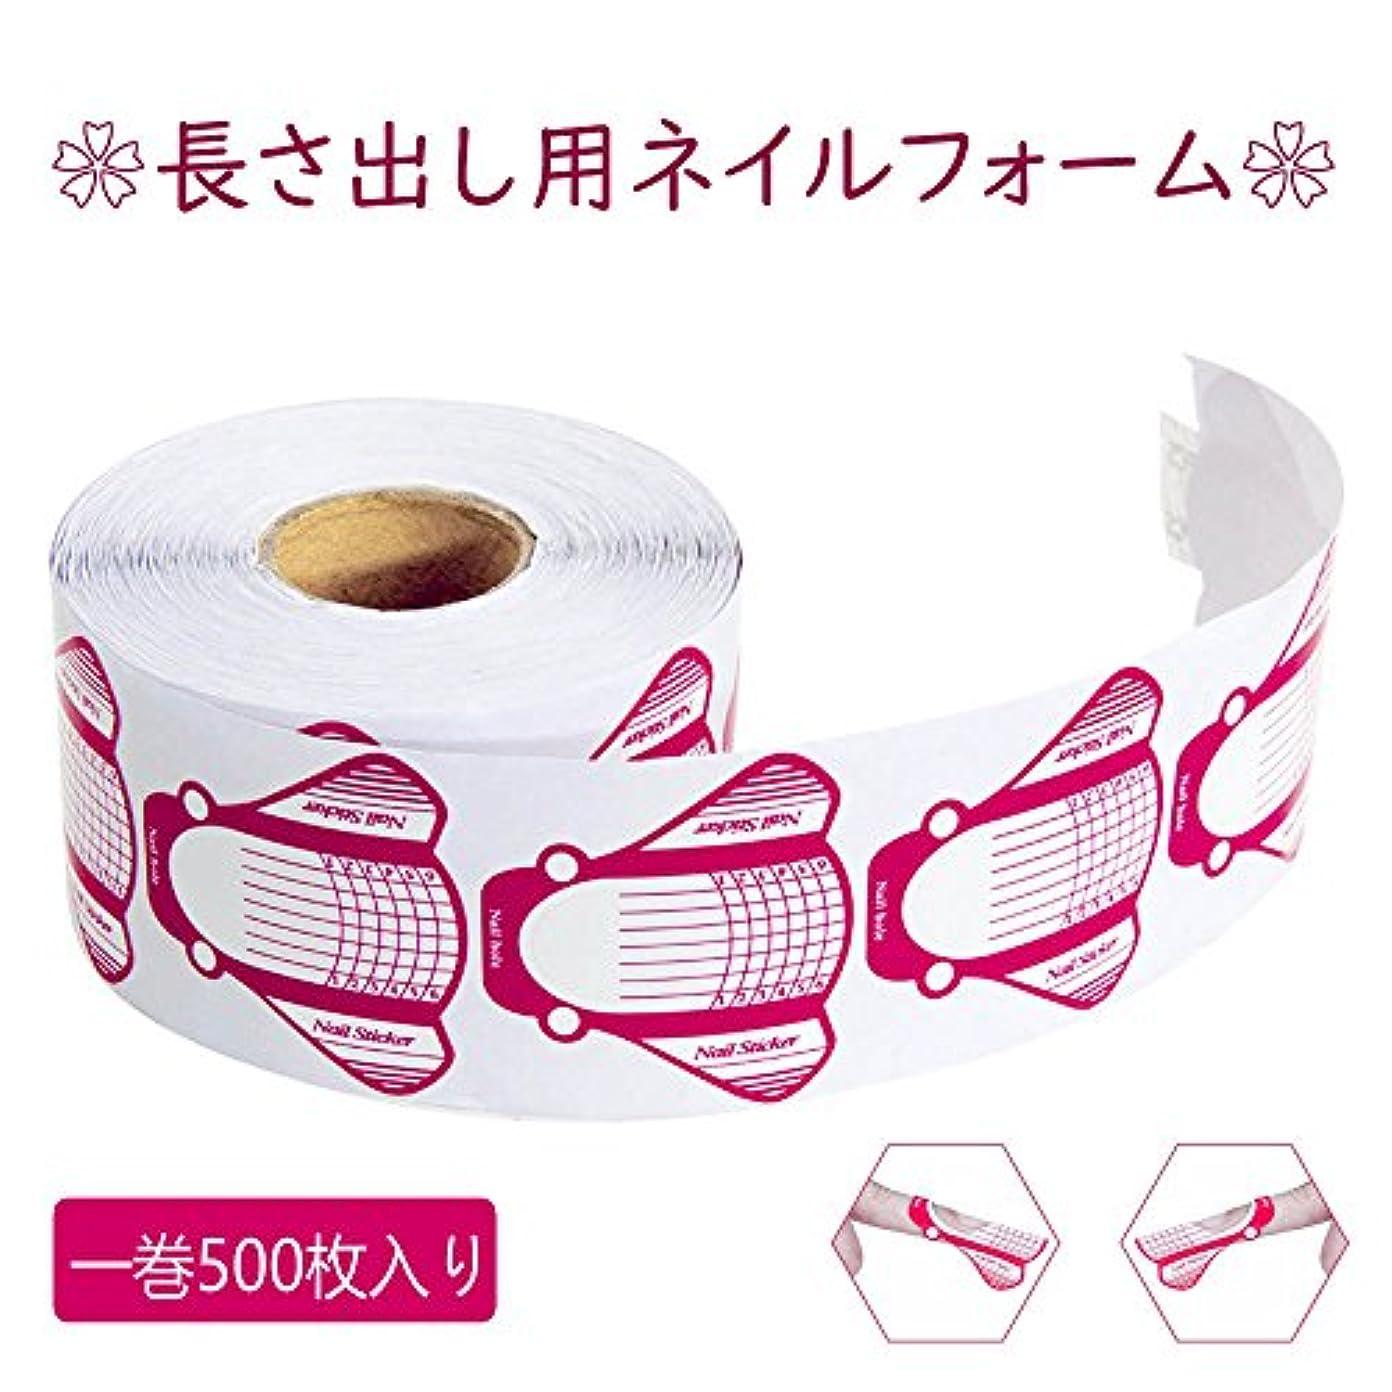 反発するロータリーミットスカルプ必要 長さ出し ジェルネイル用 ネイルフォーム 500枚入り ロール 高品質 紙製 バラ色 ネイル フォーム スカルプチュア ネイルアート 道具